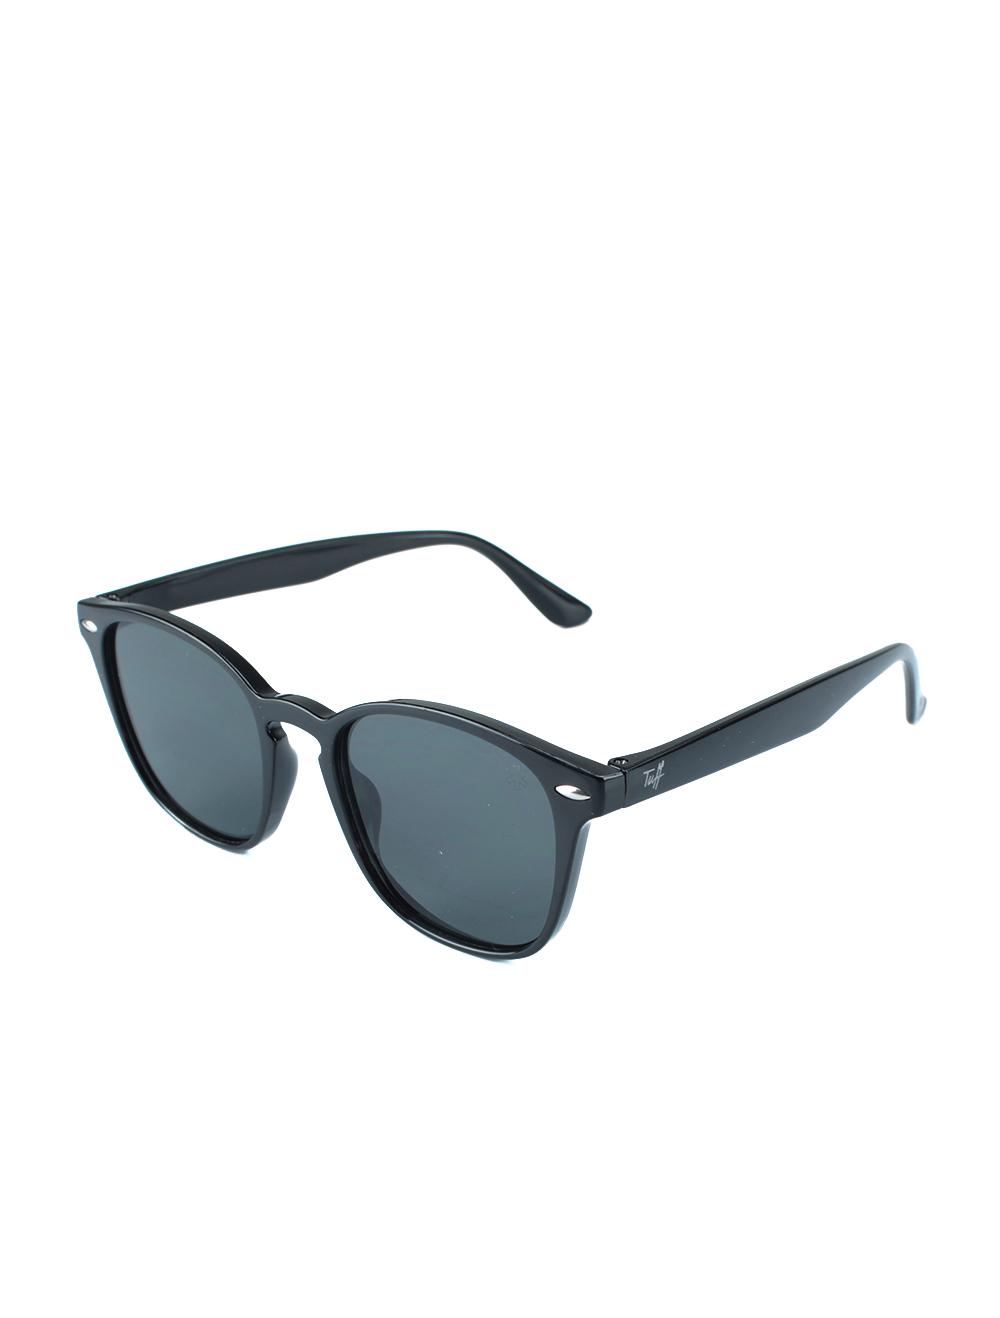 Sunglasses Quadrado Preto Brilhante